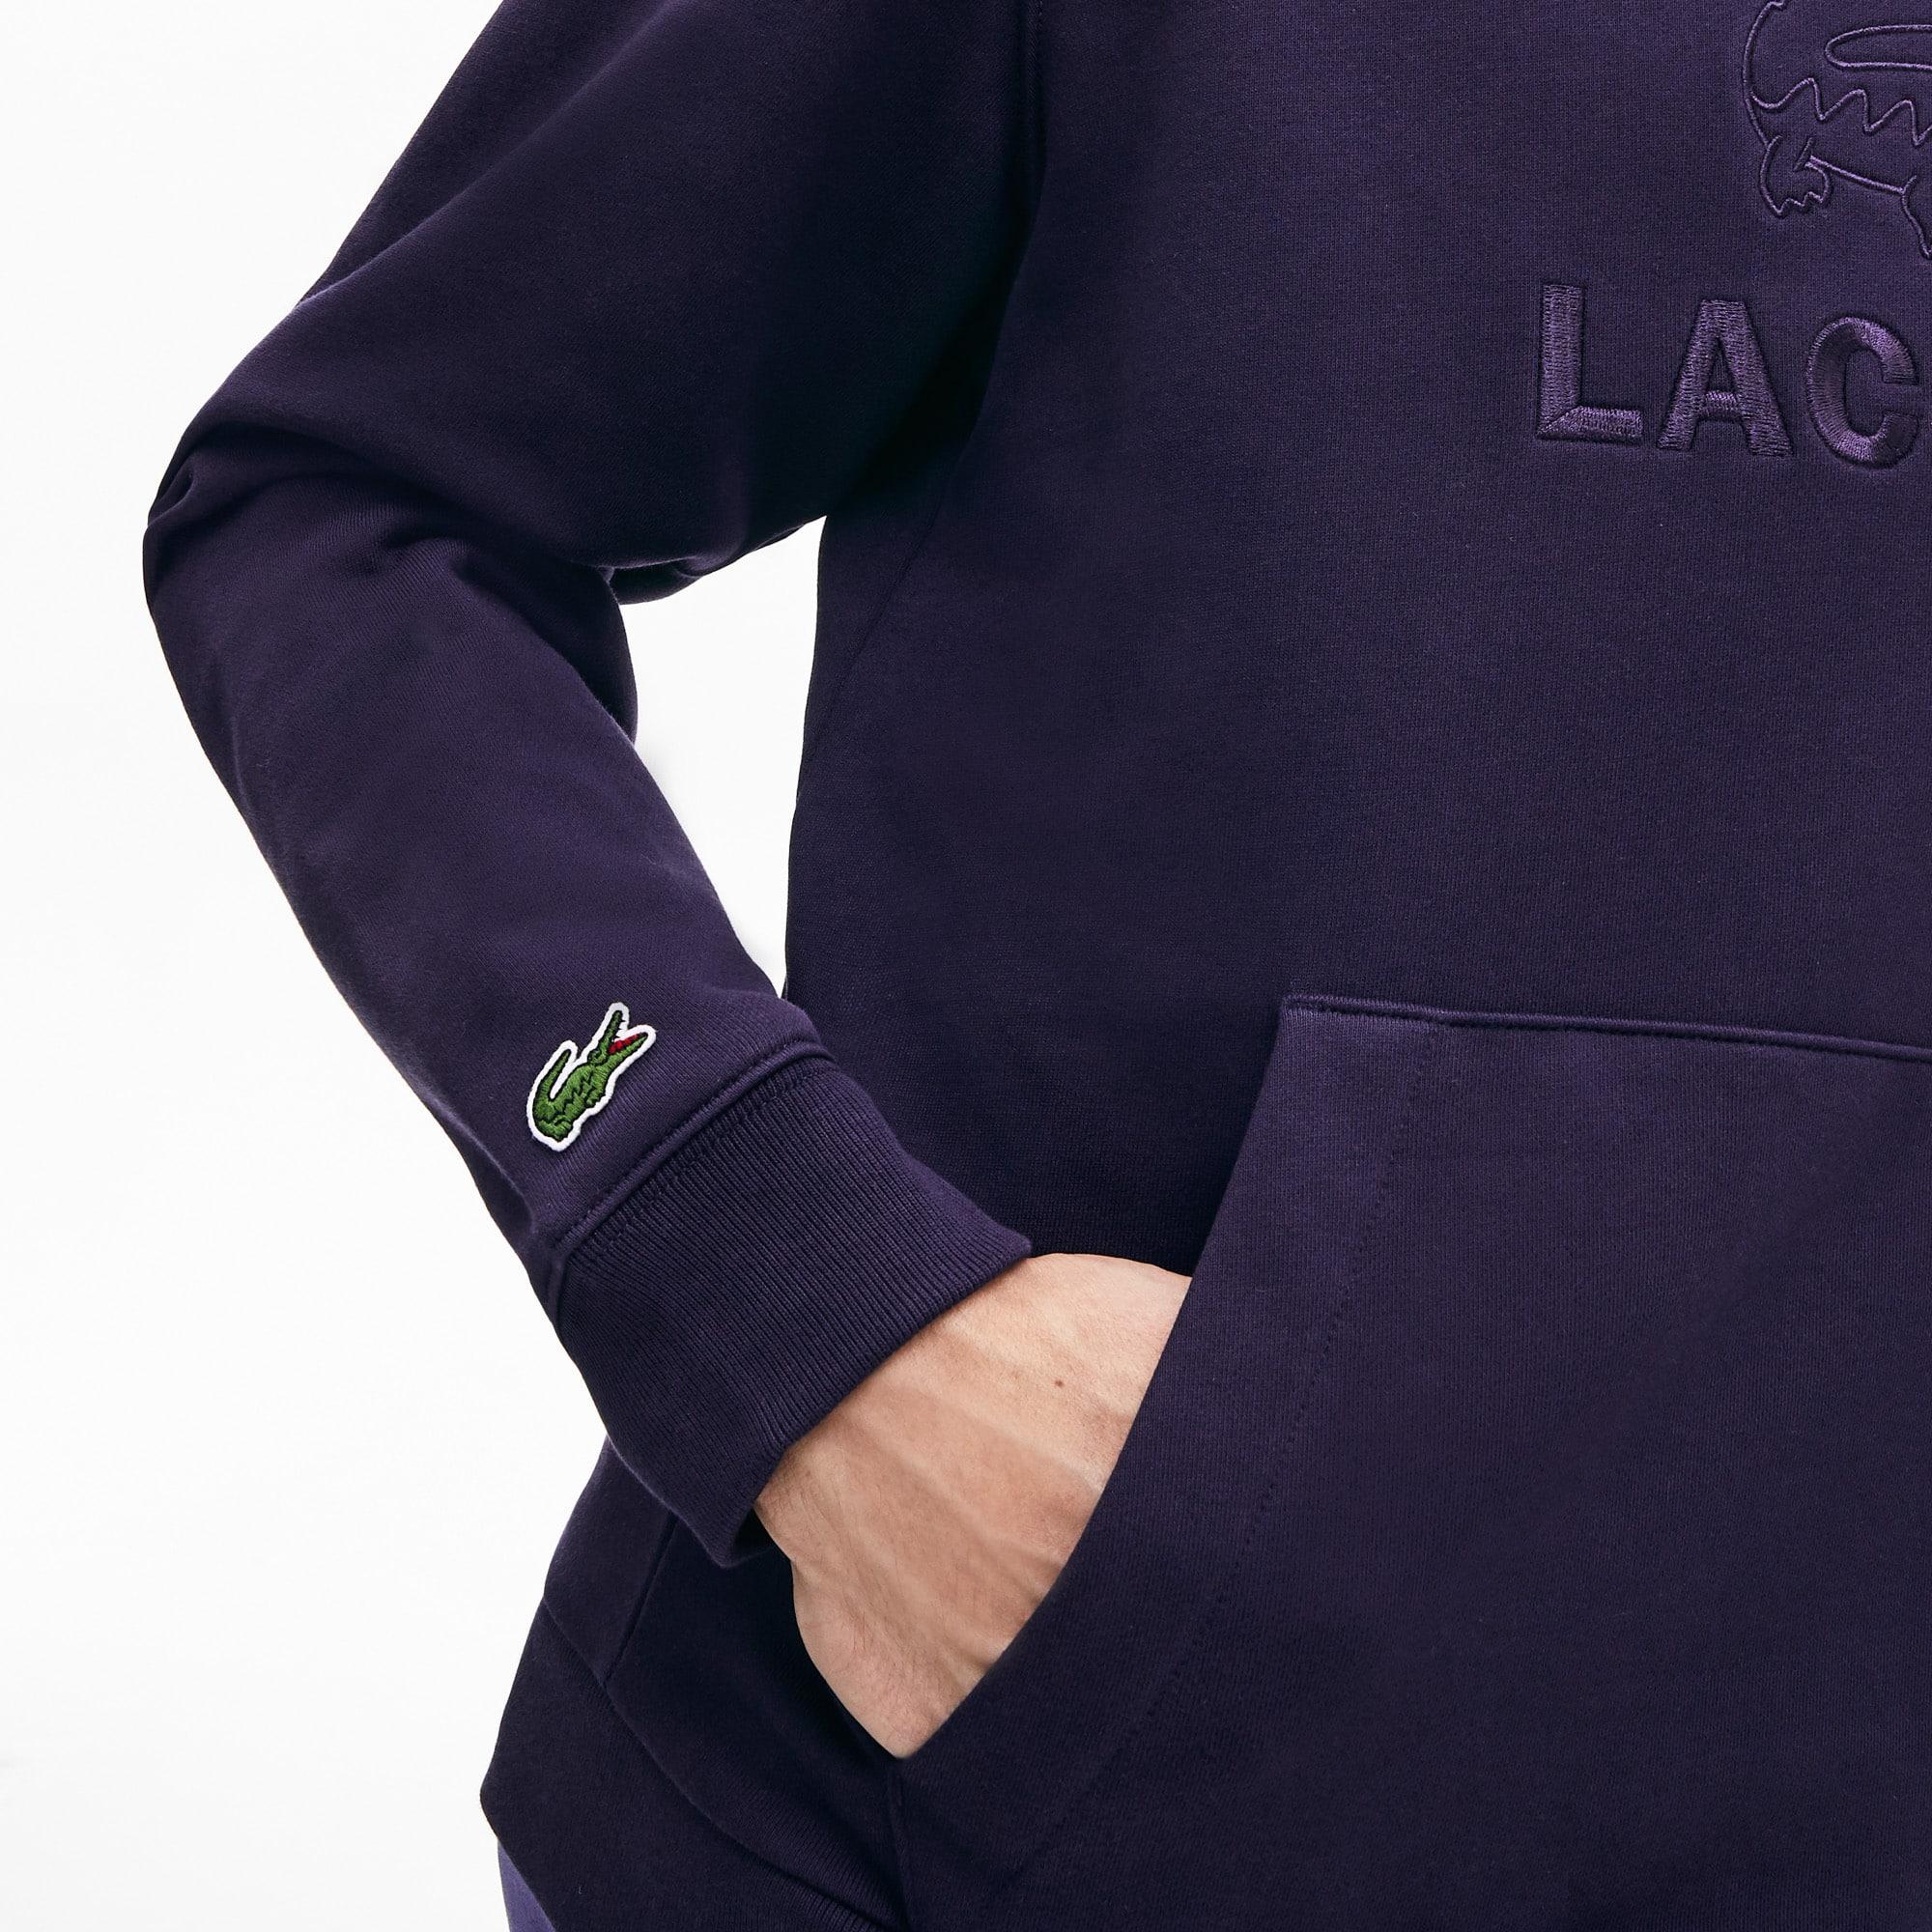 Sweatshirt heren geborduurd logo en kangoeroezak met capuchon fleece